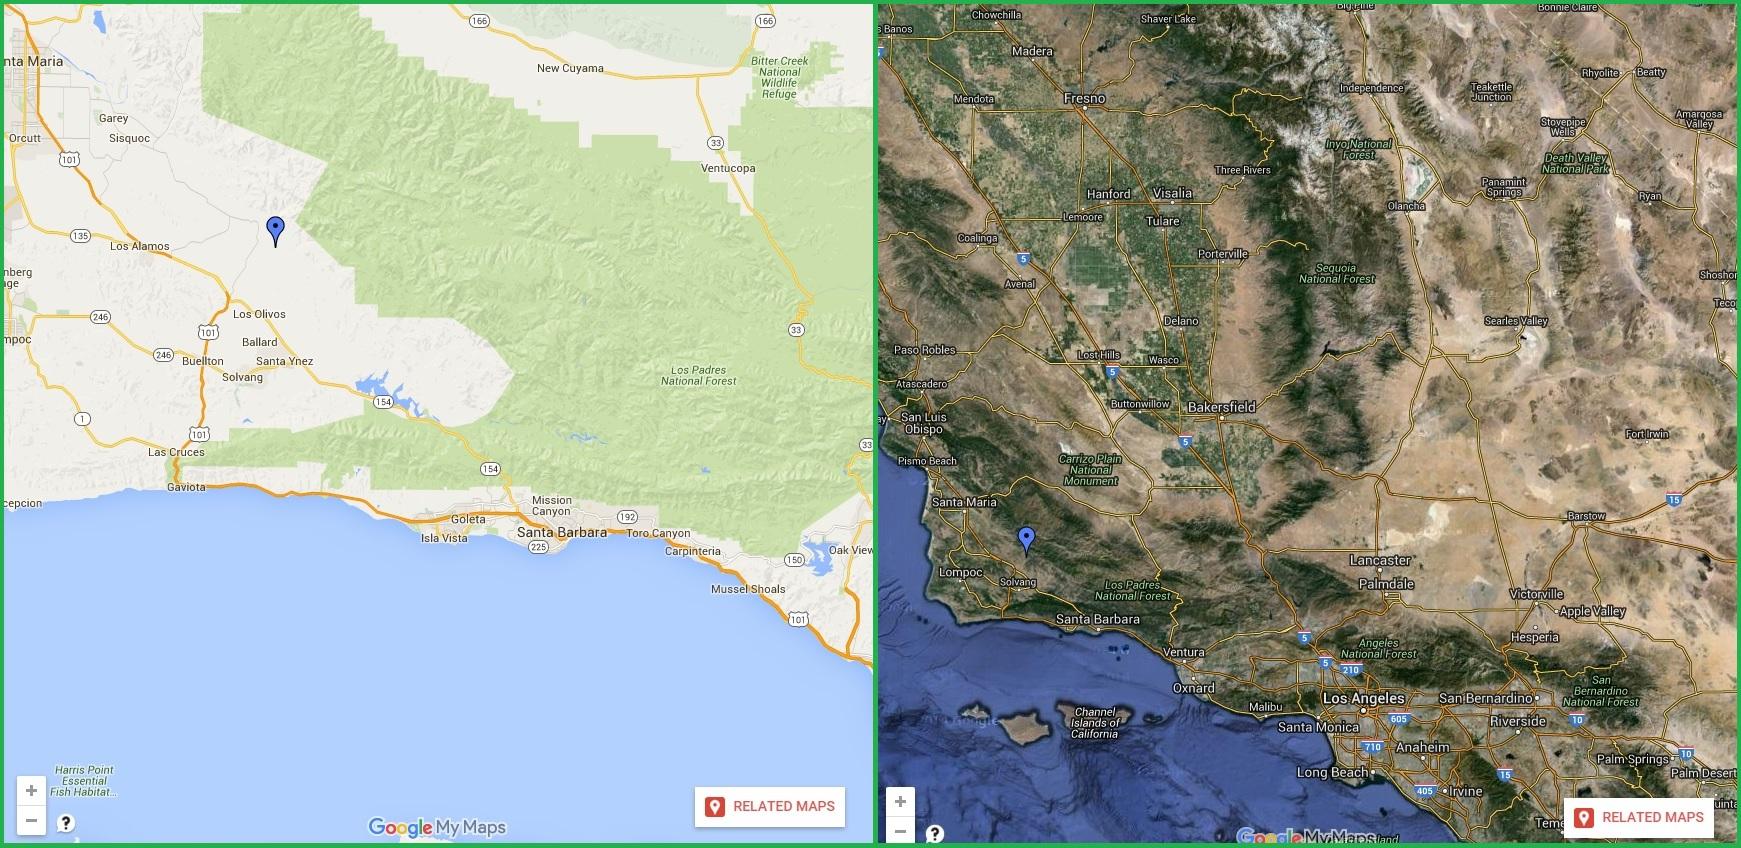 map of neverland ranch wwwmiifotoscom